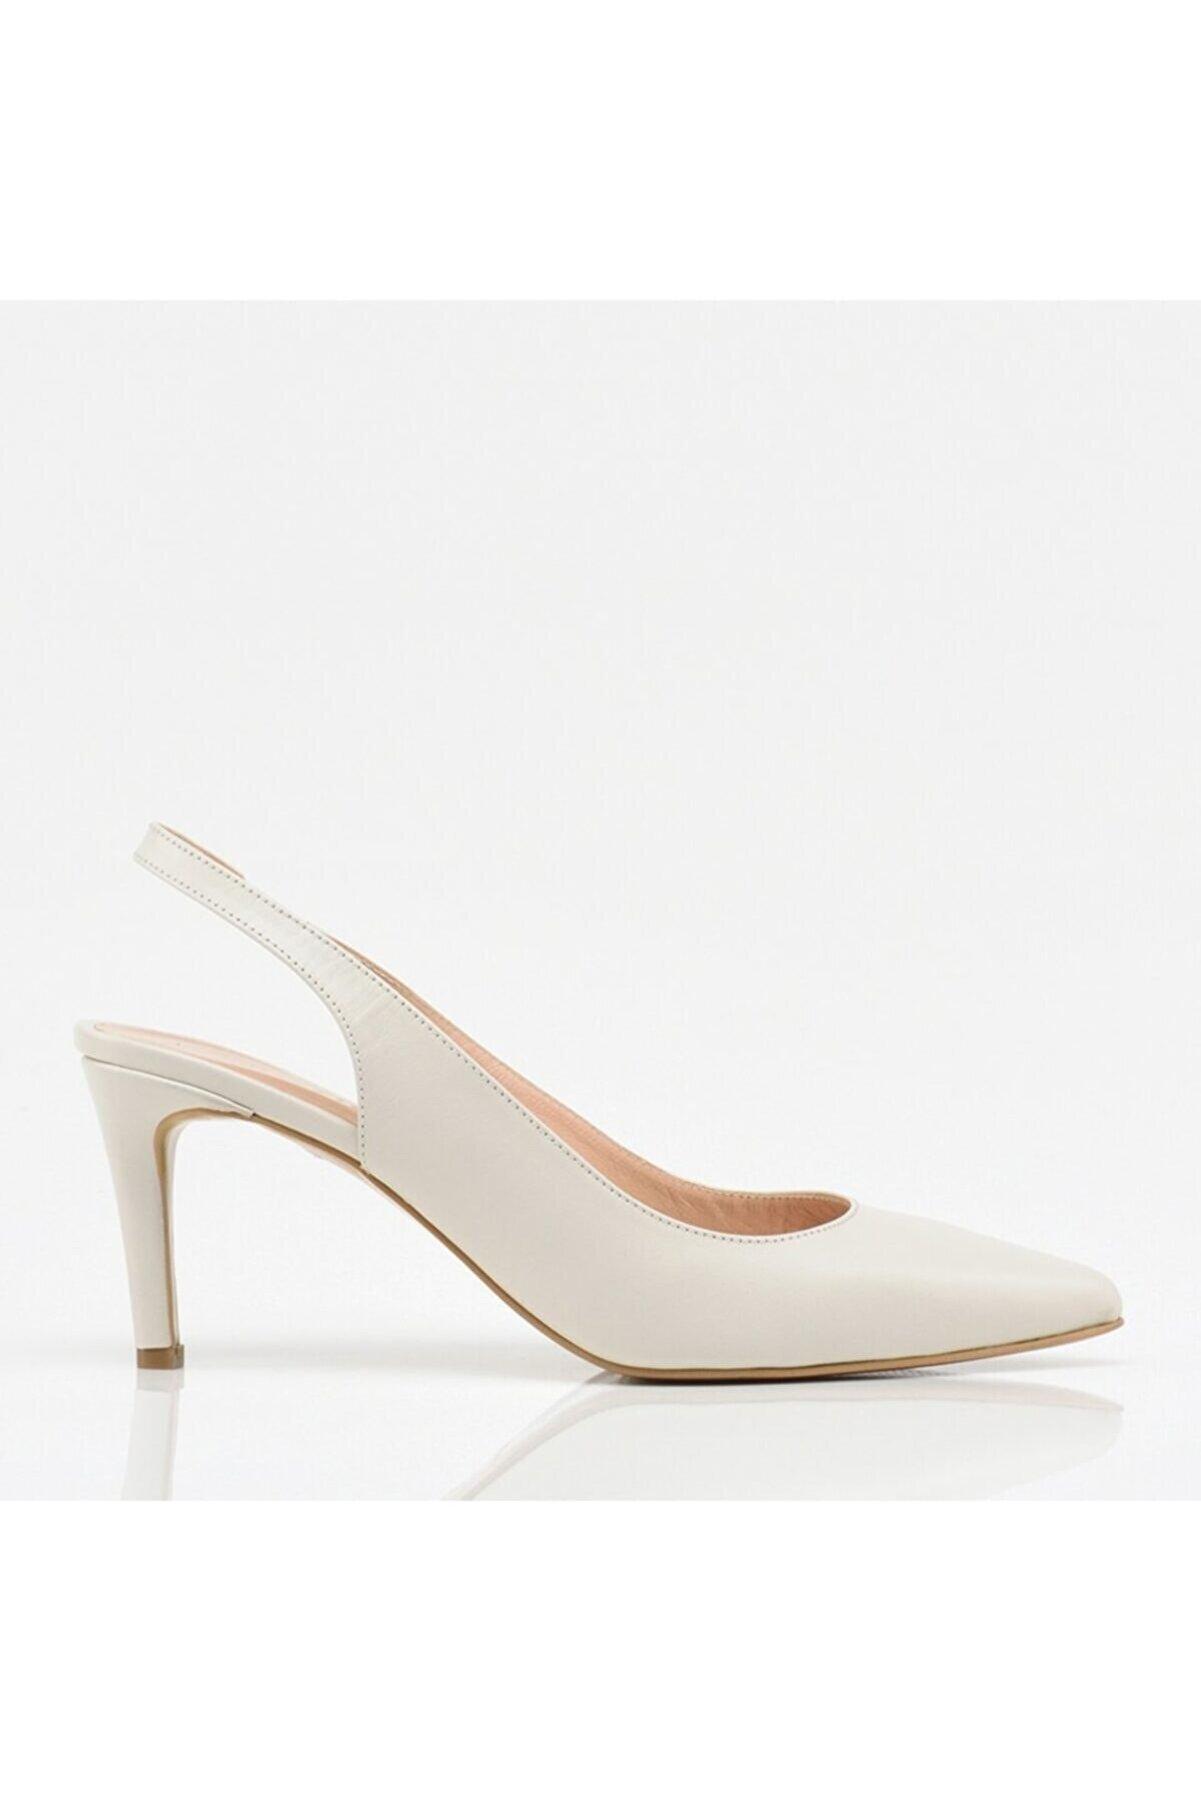 Hotiç Kadın Bej Deri İnce Topuk Ayakkabı